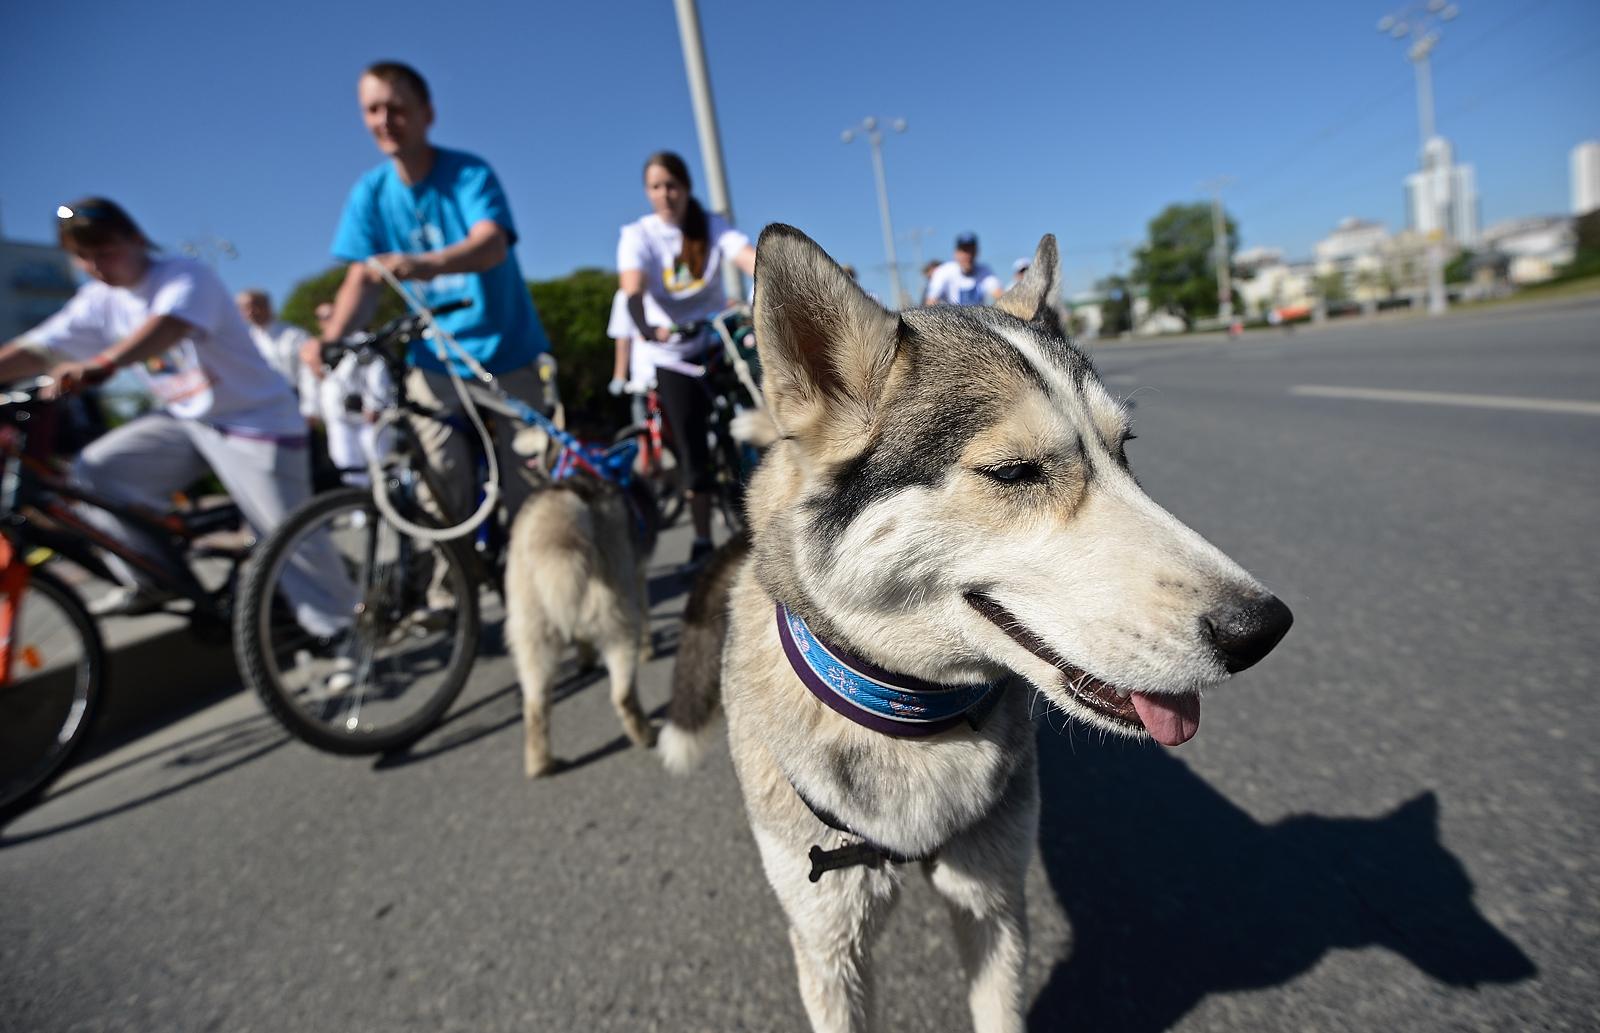 Зоозащитники приравняли собаку к оружию и отправили горожан на спецкурсы